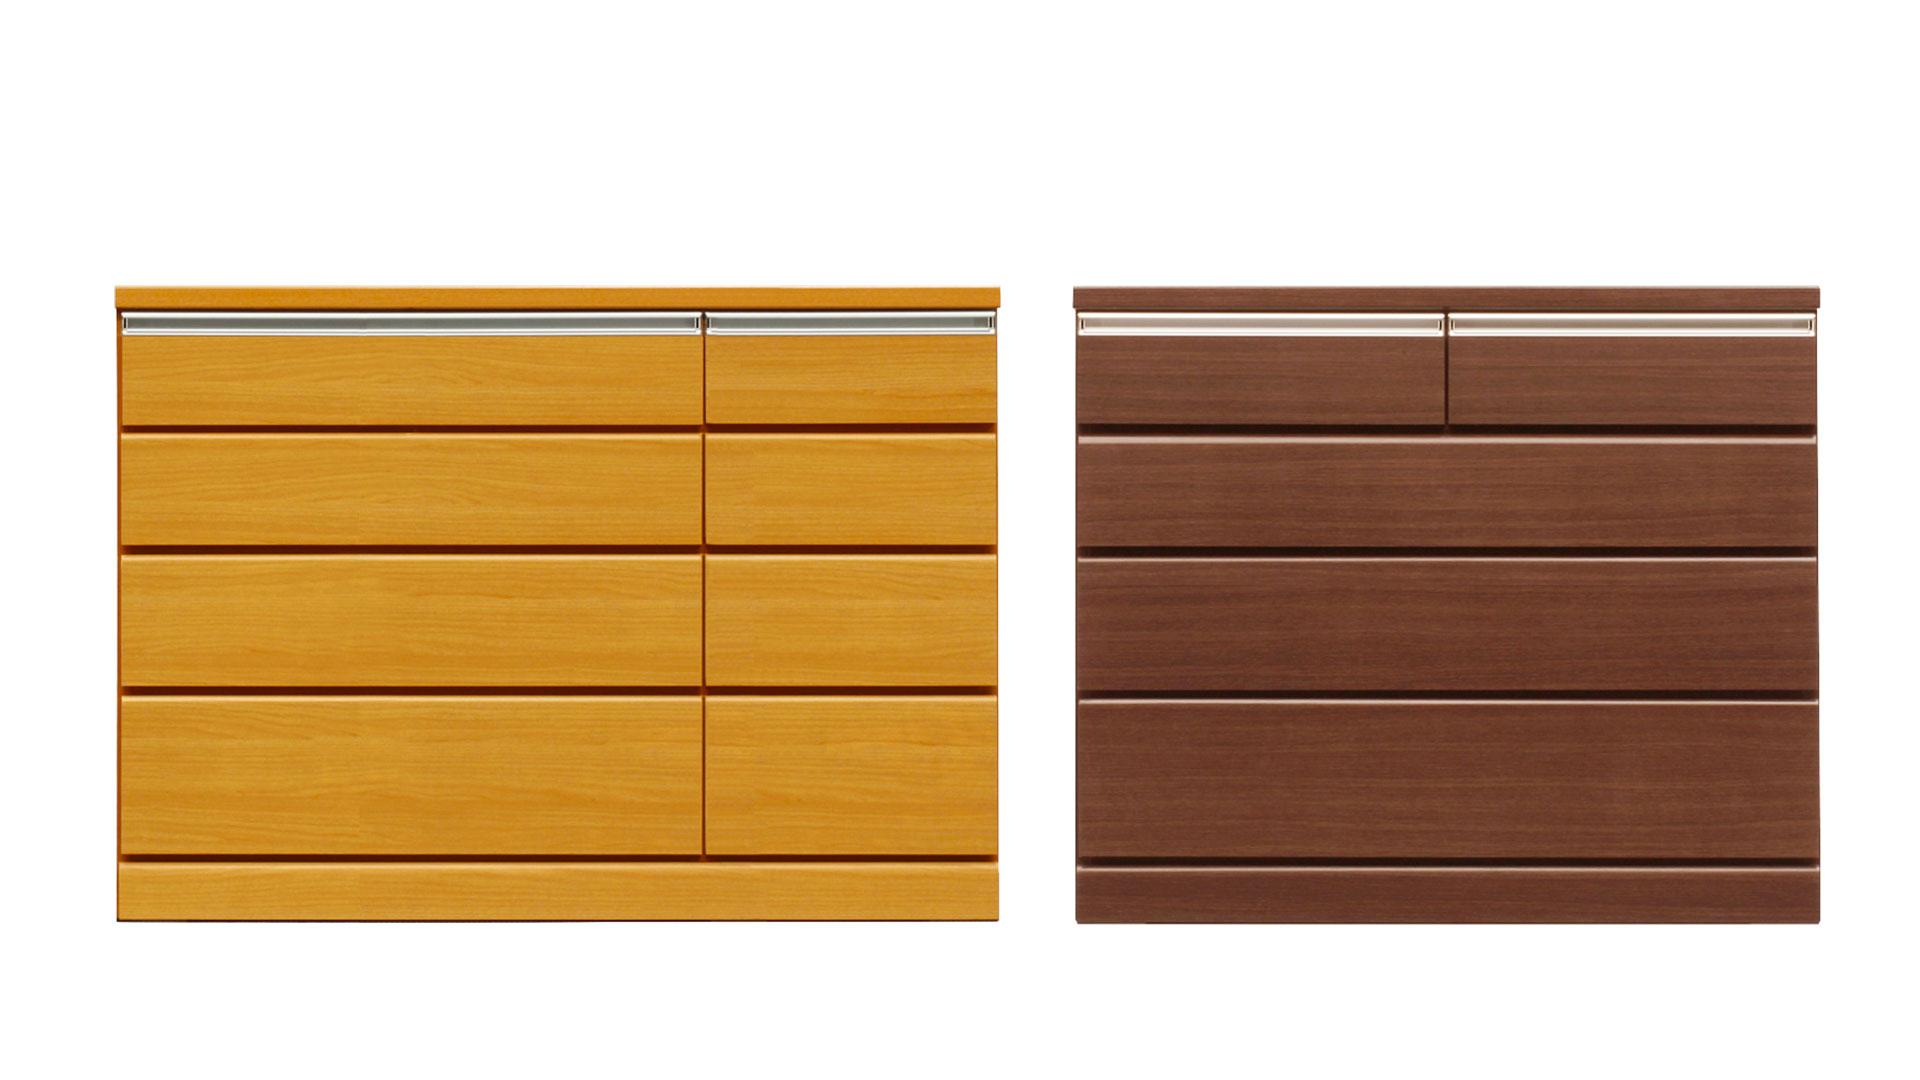 リビンズのチェスト「アリッサⅢ」の100cm幅ミドルブラウンのローチェストと120幅ライトブラウンの画像